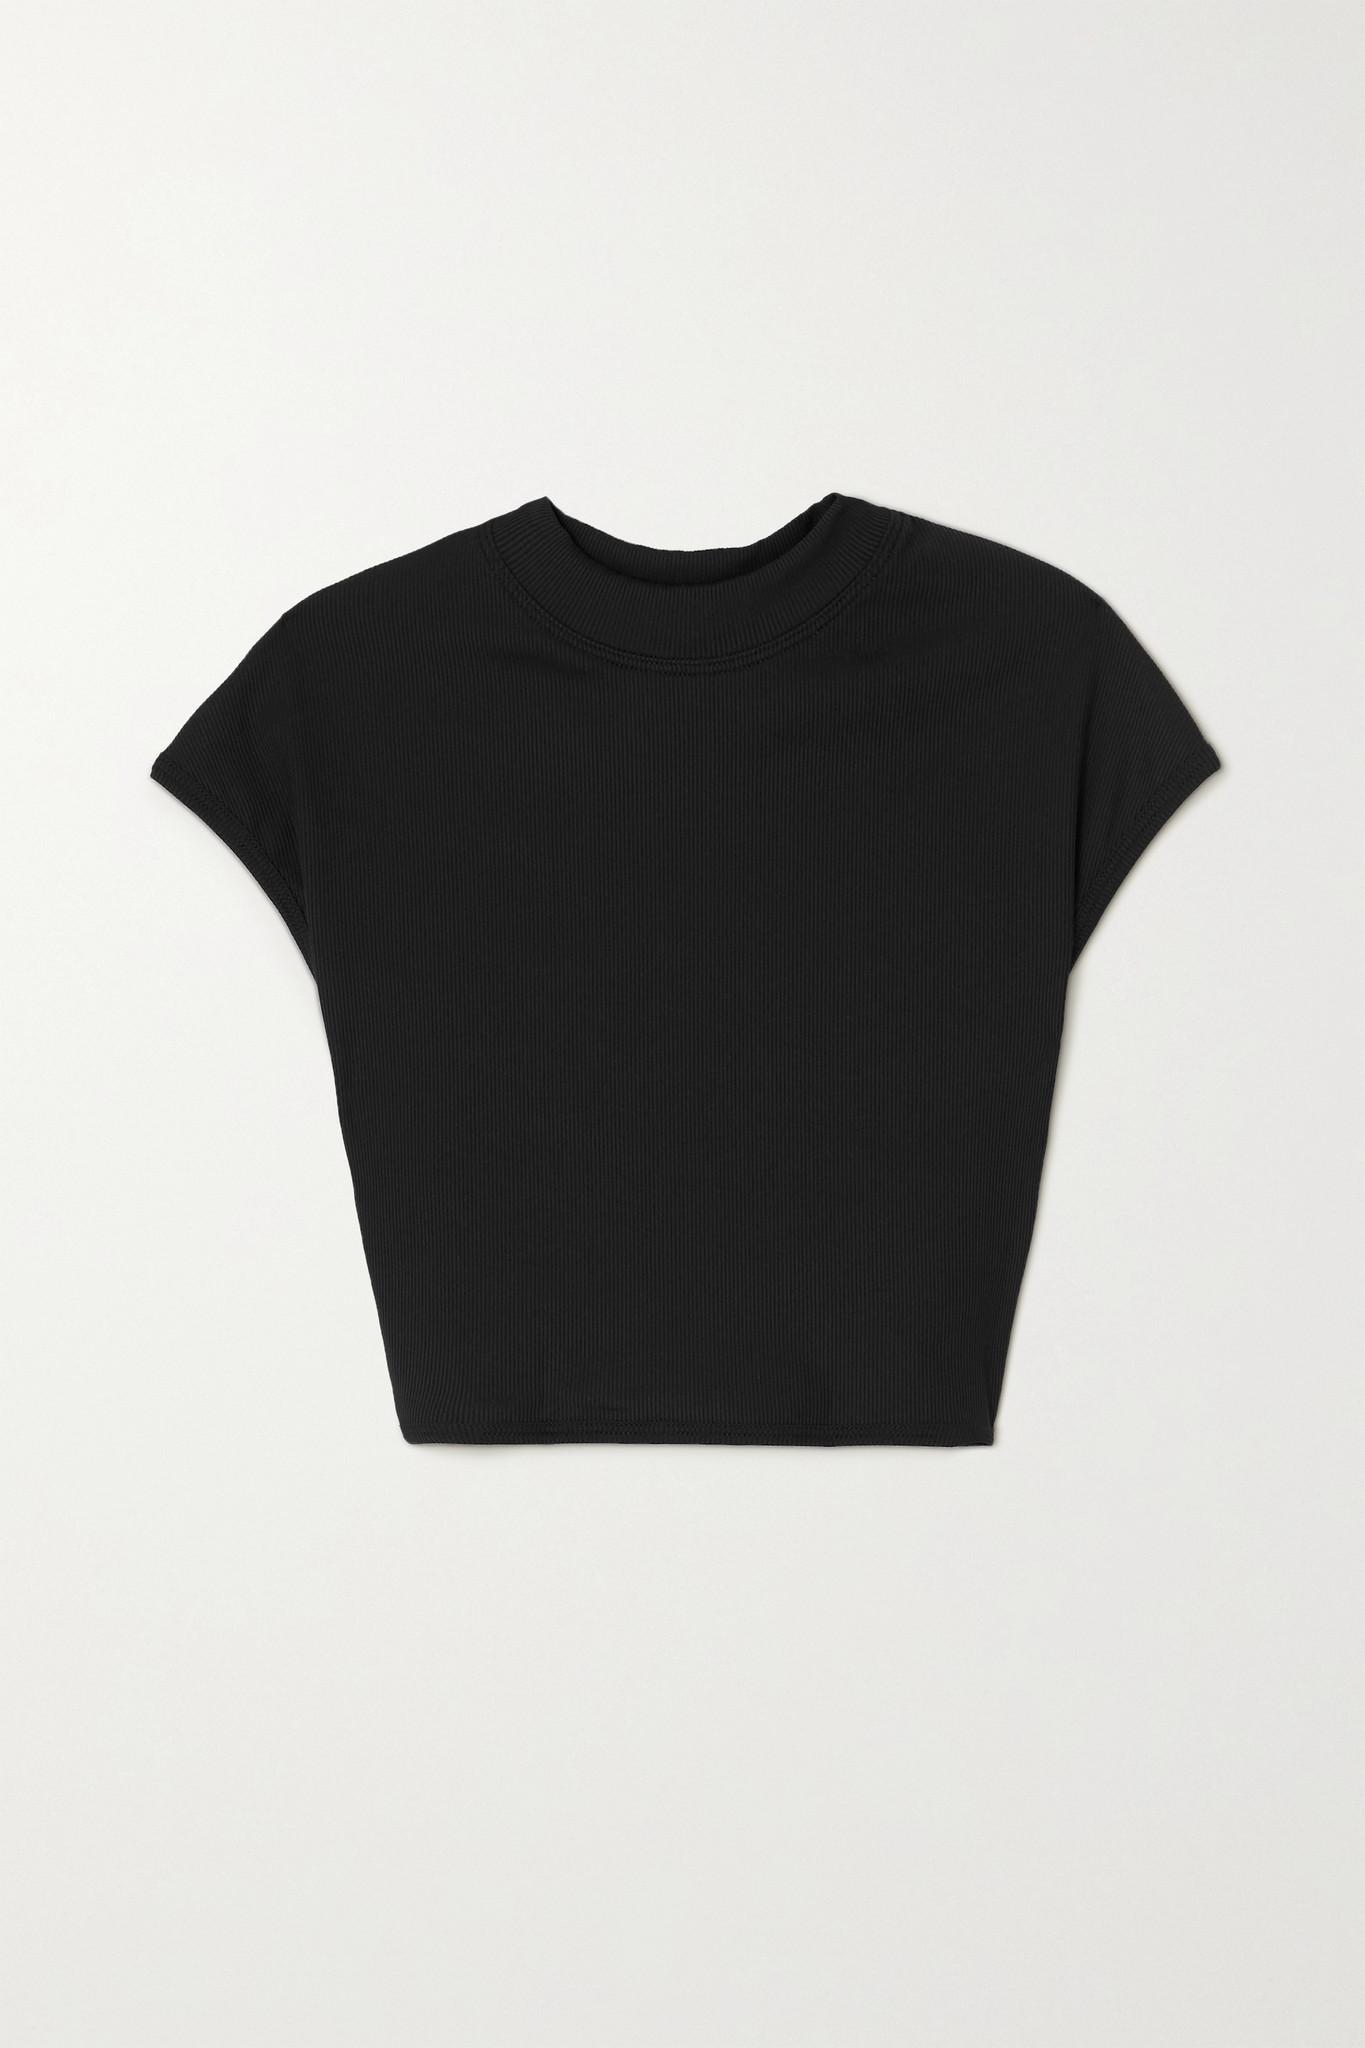 THE ATTICO - 罗纹比基尼上装 - 黑色 - small